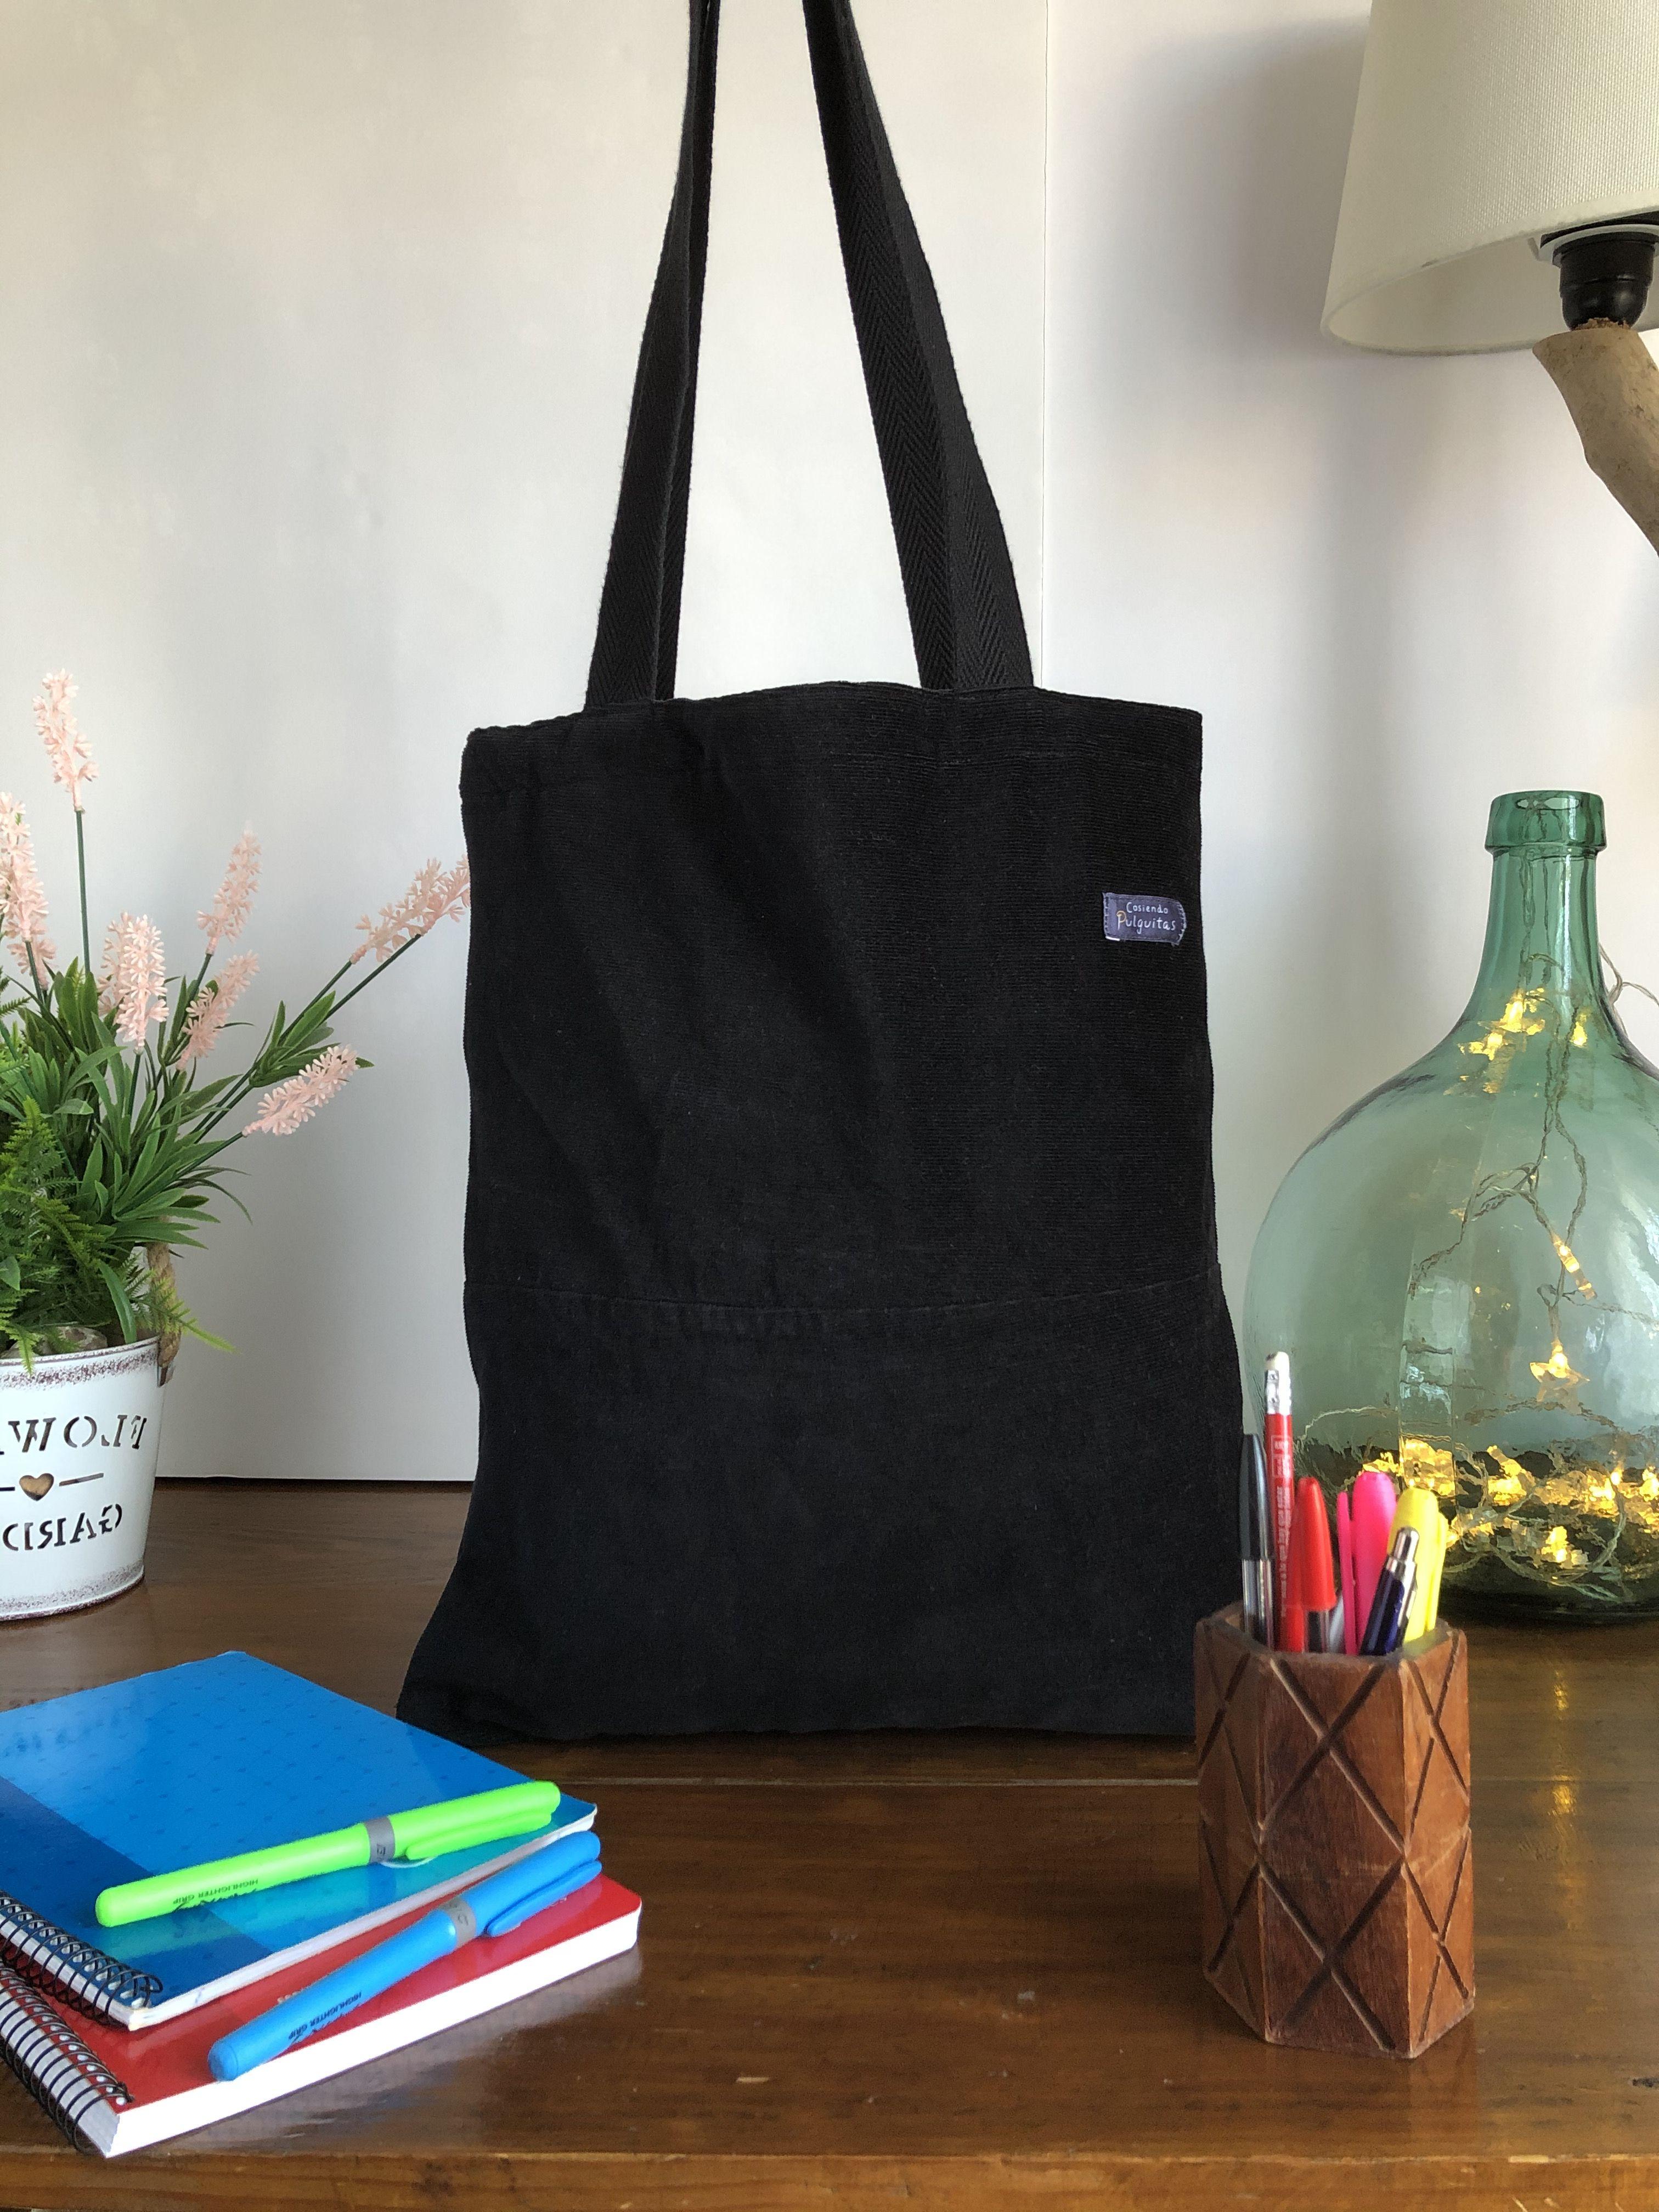 Esta bolsa es la nueva vida de un pantalón de pana negro, que fue cuidadosamente elegido, y que lo hemos reciclado para creer esta bolsa tote. Es una bolsa ecológica pues está hecha con un pantalón de pana negro reciclado. Es una bolsa sin residuos. #totebag #corduroybag #bolsopana #recycledbag #autumbag #bolsootoño #etsy #etsyshop #bolsoecologico #ecobag #modasostenible #sustainablefashion #winterbag